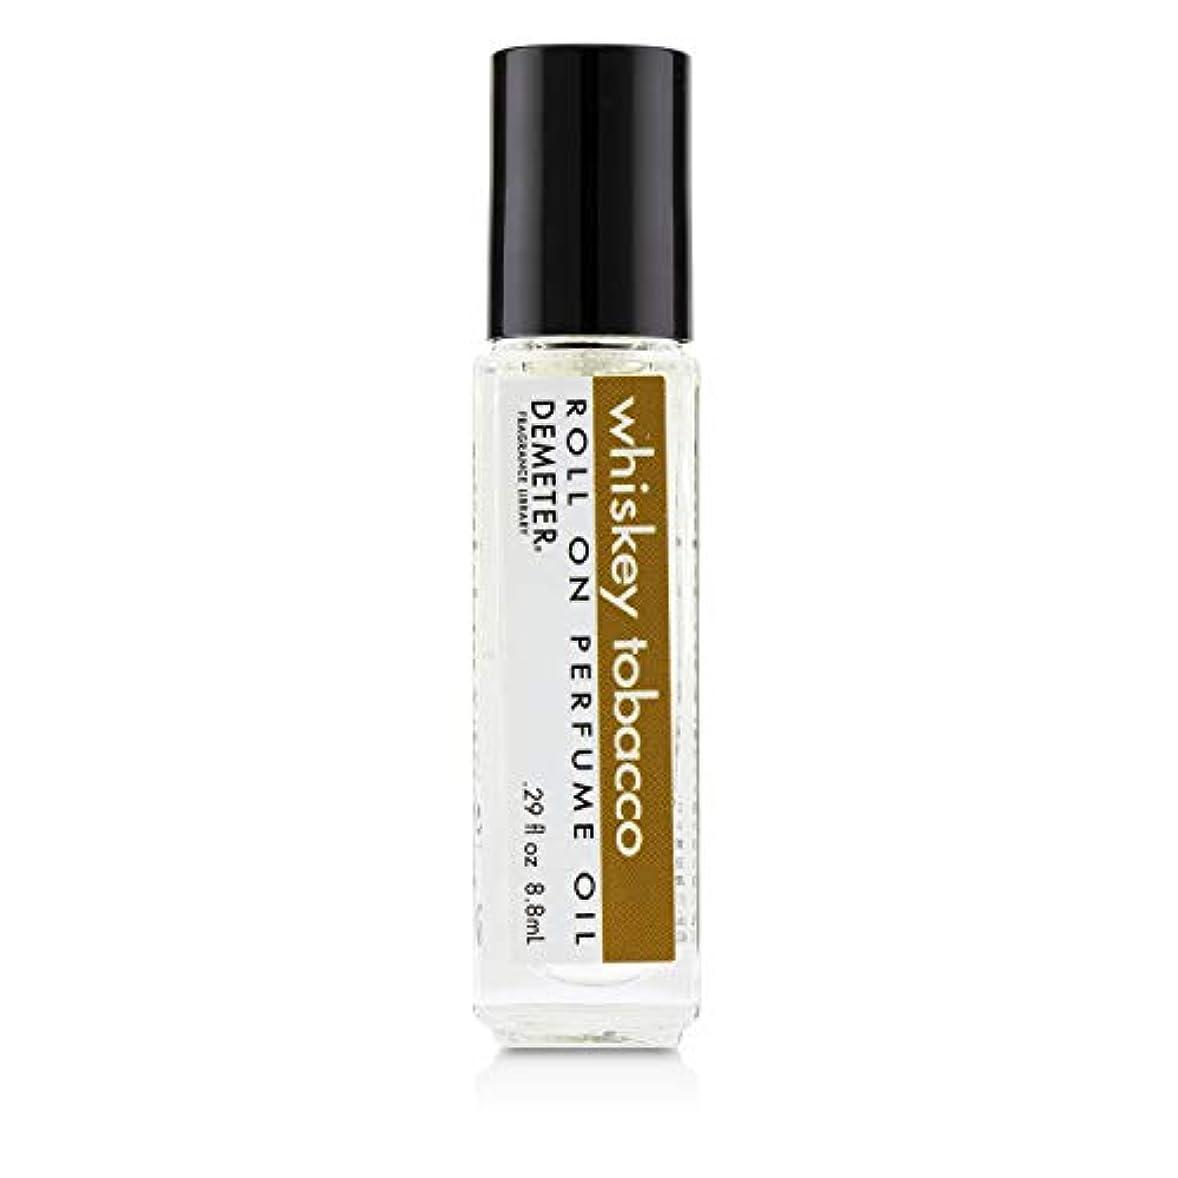 走るむしゃむしゃ北米ディメーター Whiskey Tobacco Roll On Perfume Oil 8.8ml/0.29oz並行輸入品